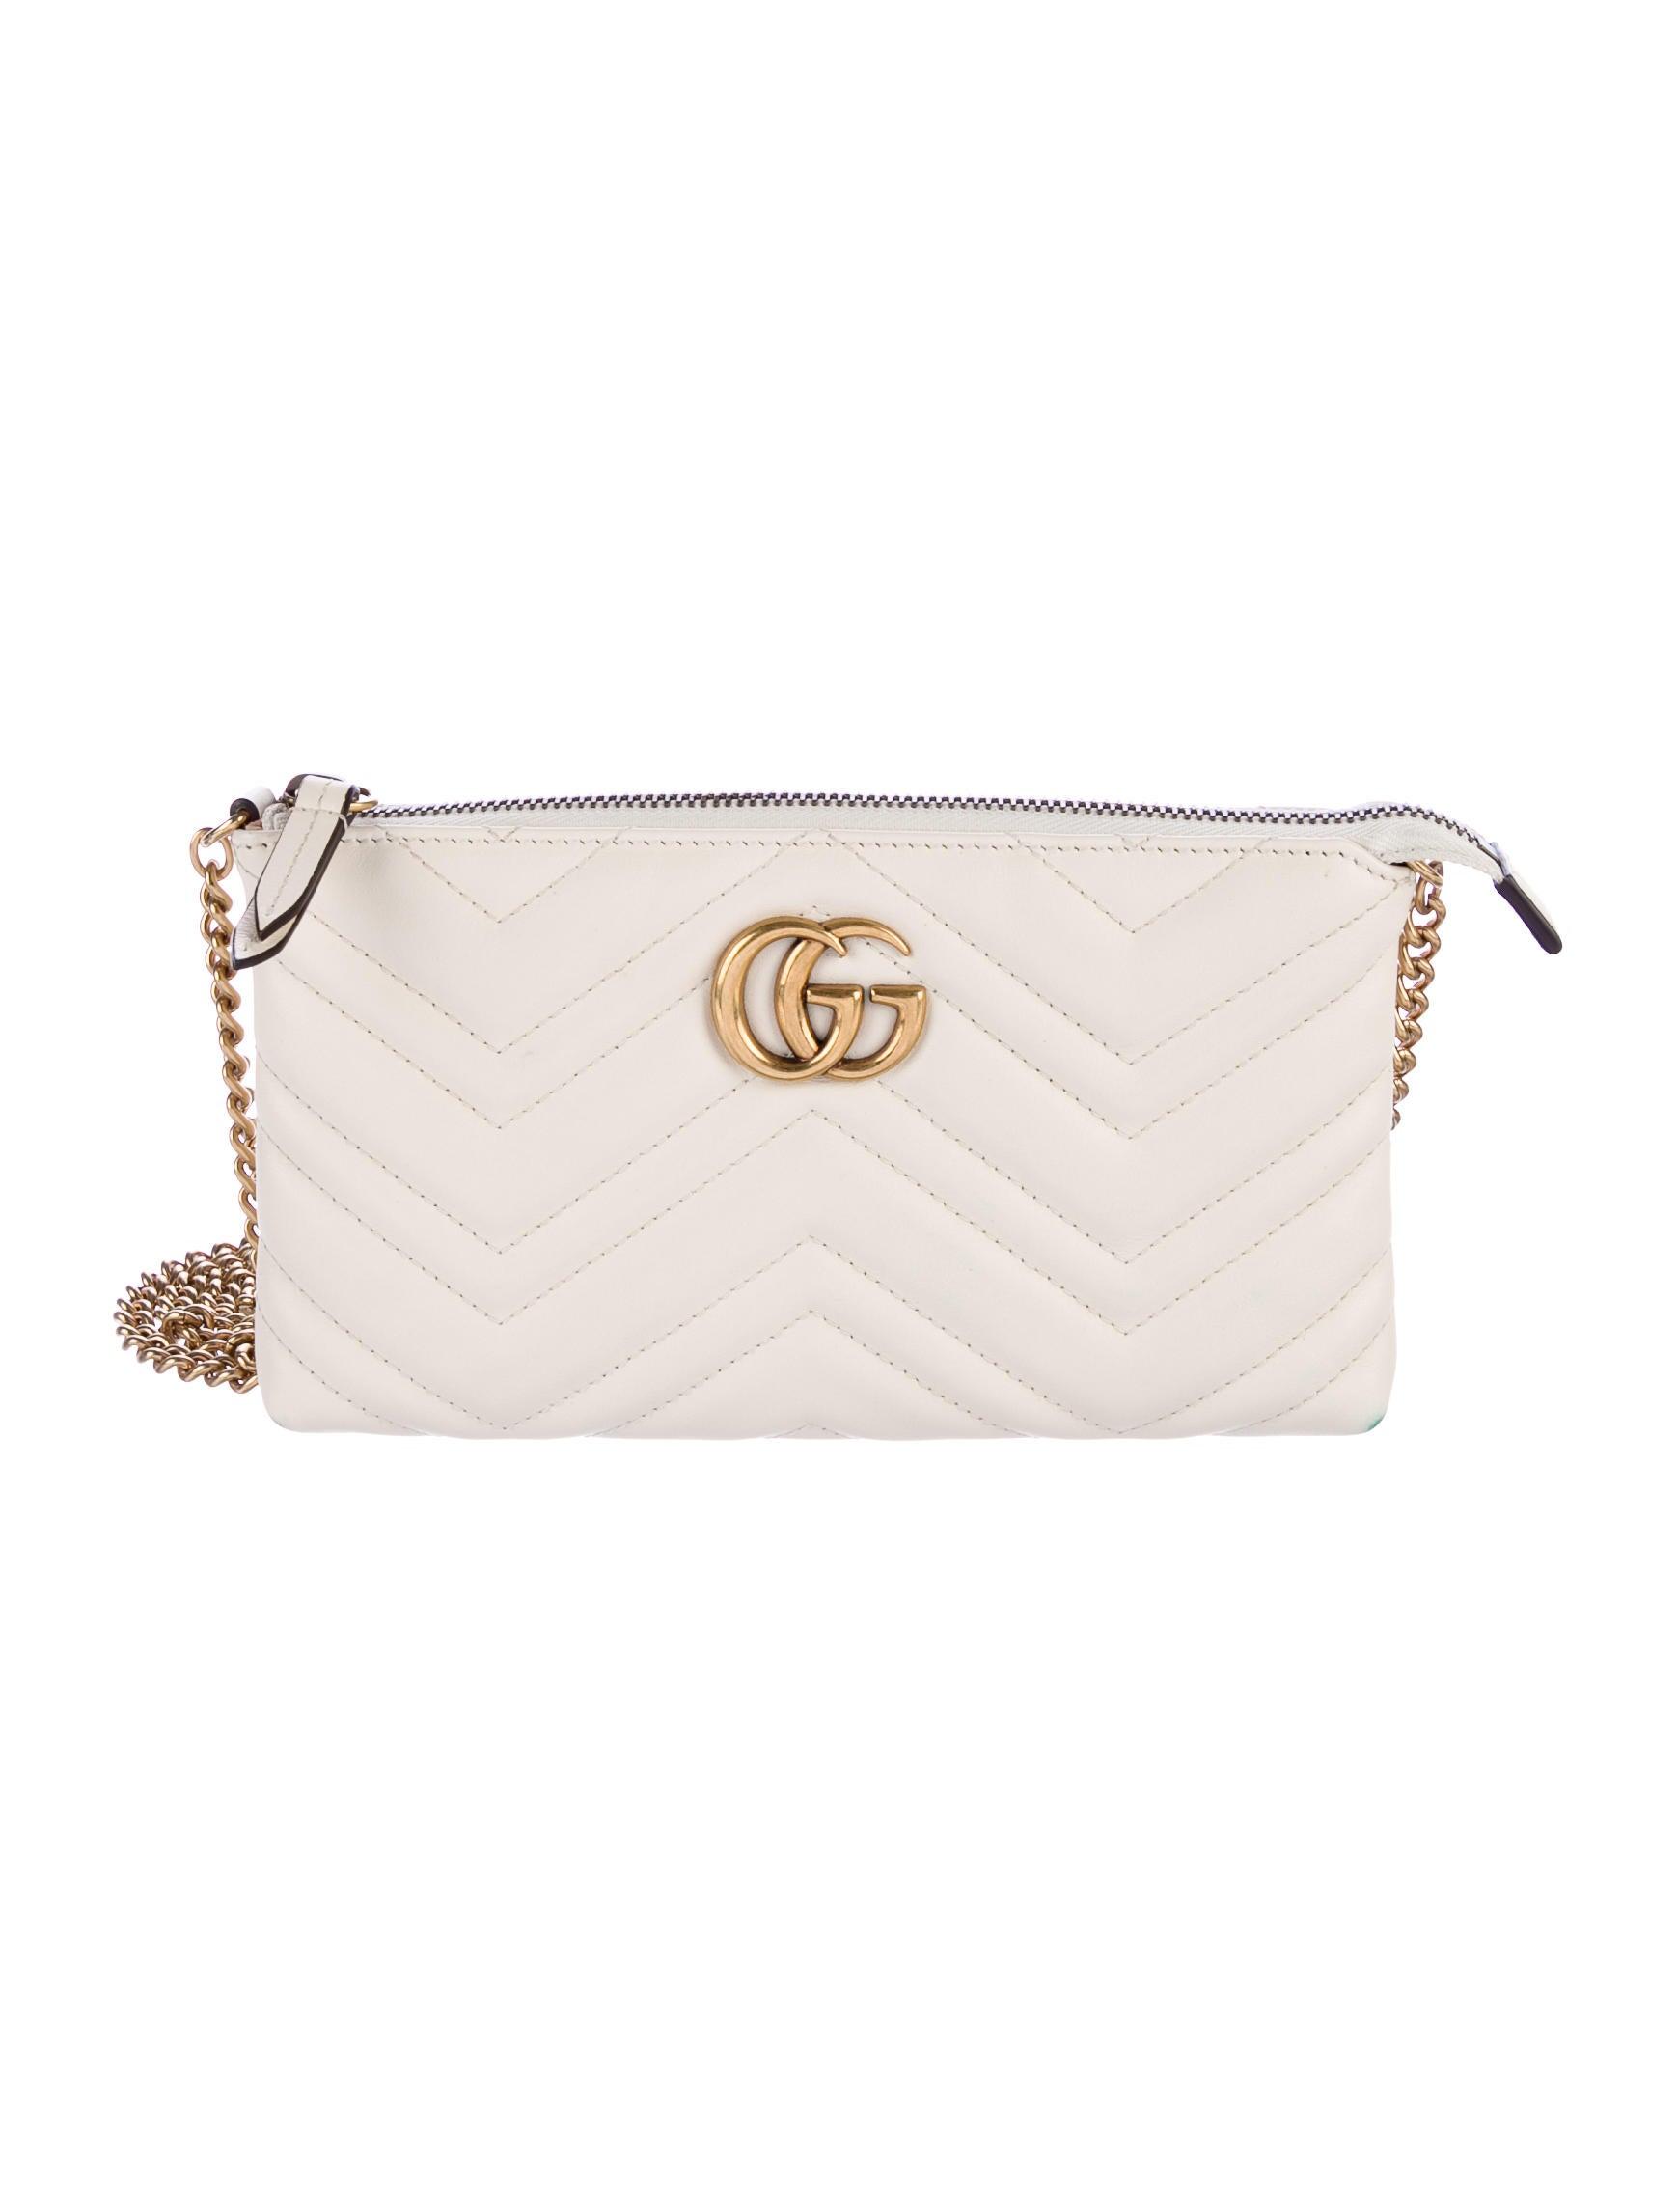 b2065f610fa9 Gucci 2017 GG Marmont Mini Chain Bag - Handbags - GUC160531 | The ...